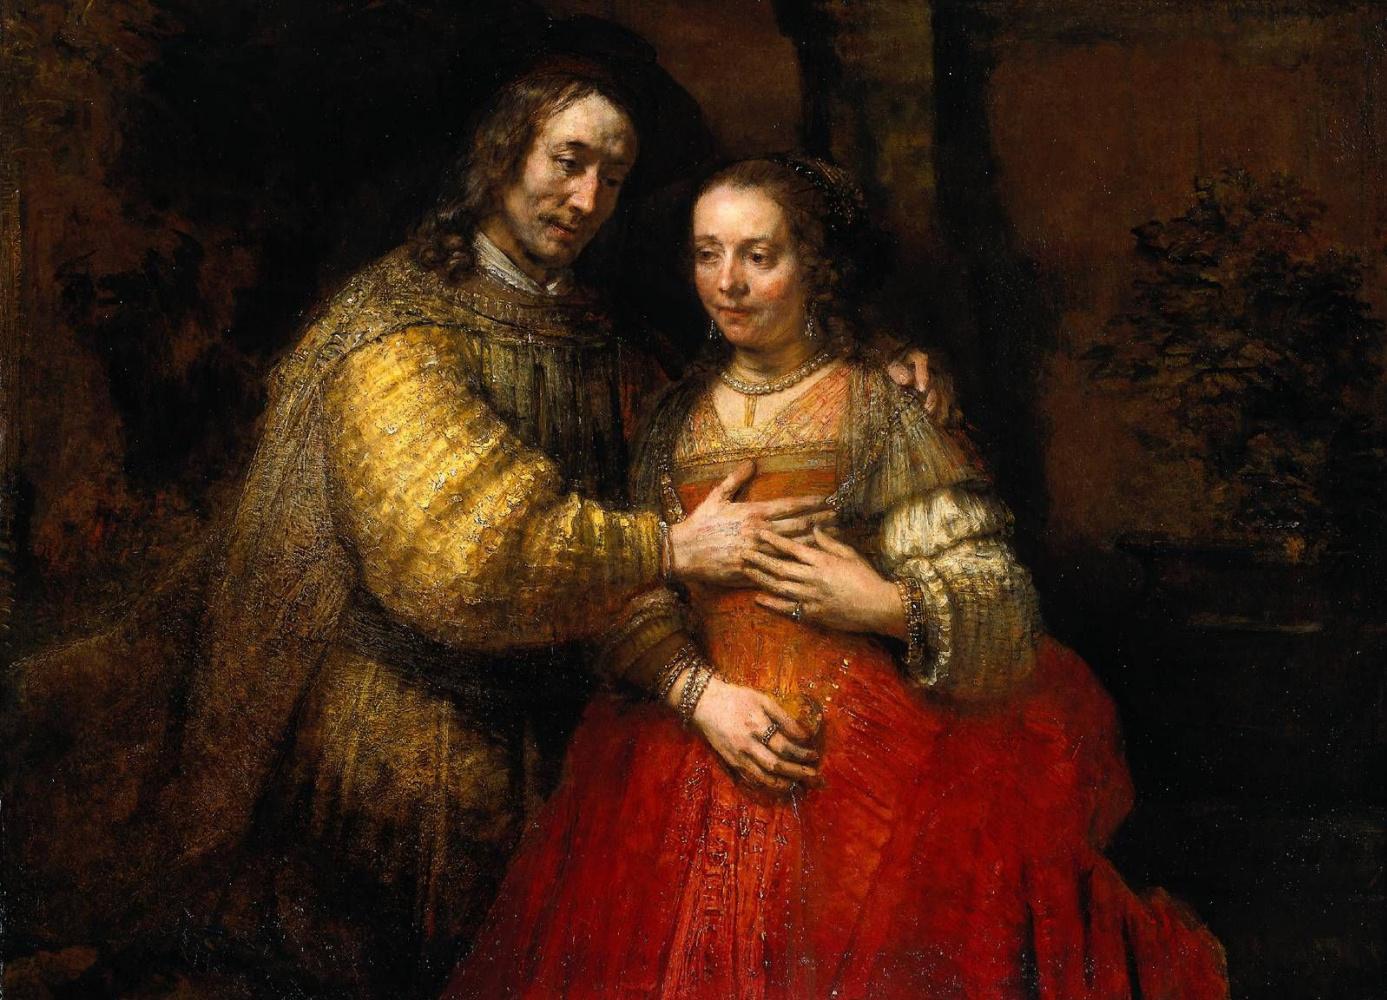 Рембрандт в Лондоне: на выставке и на ярмарке, подлинный и сомнительный